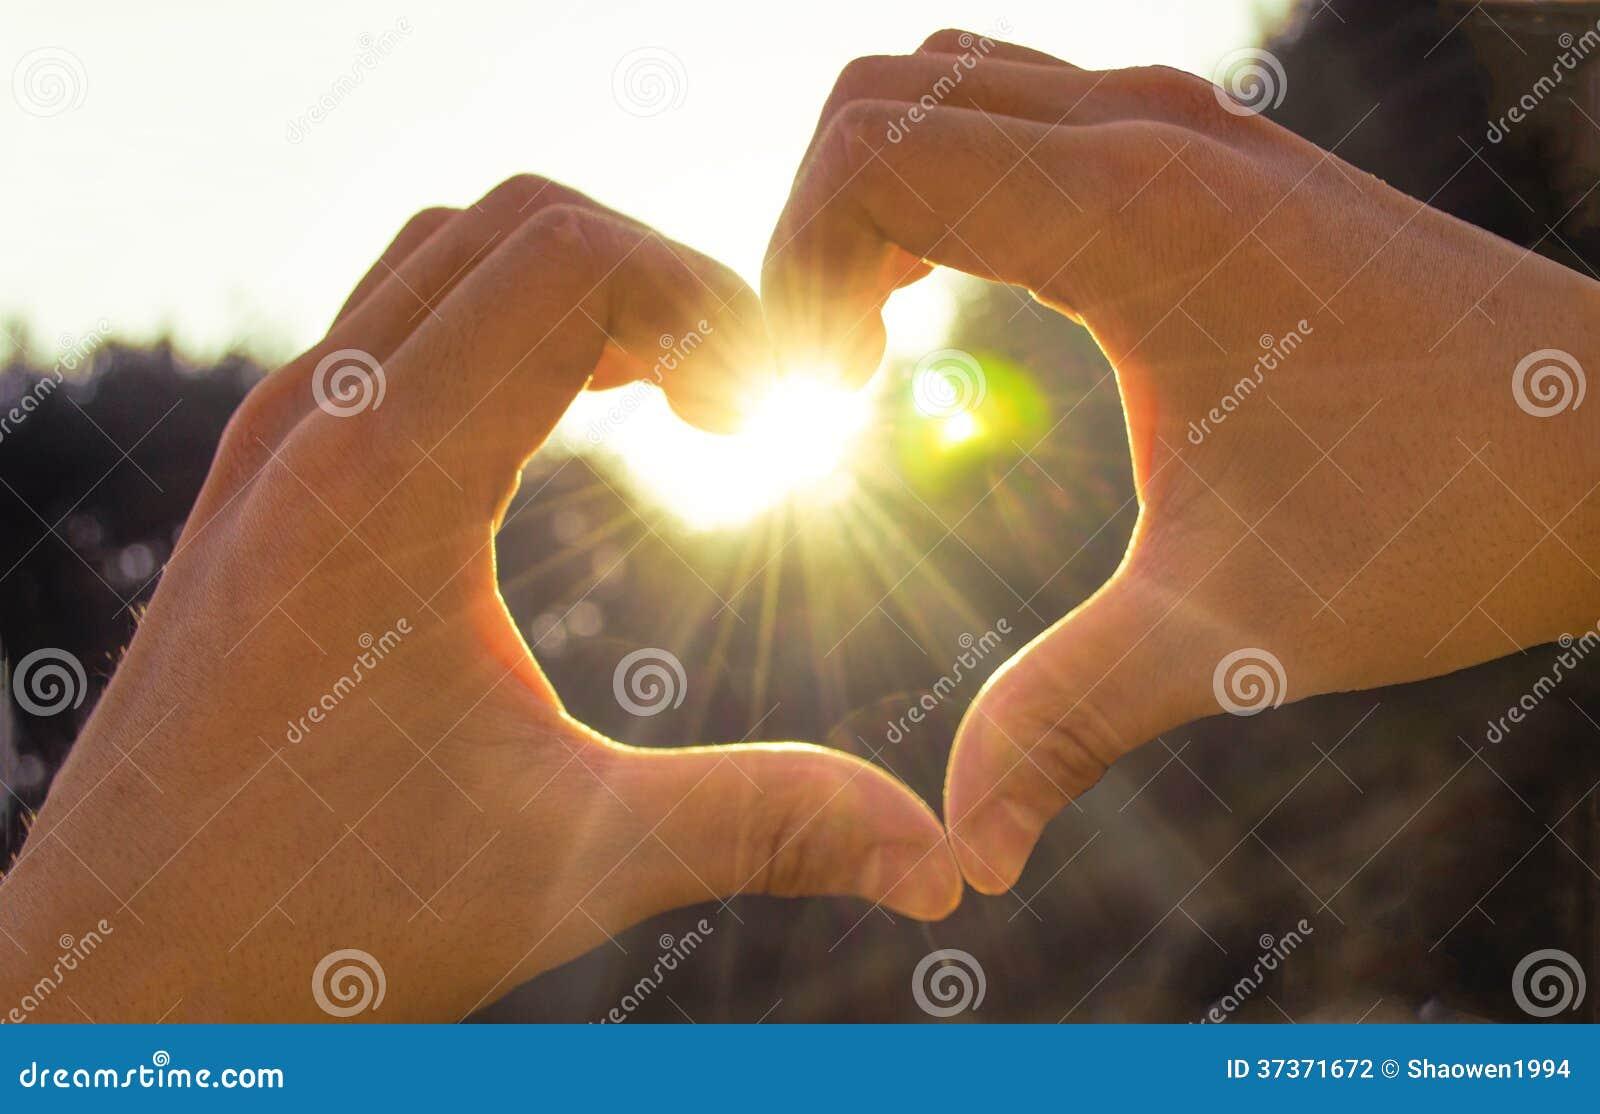 Main au coeur du soleil d amour